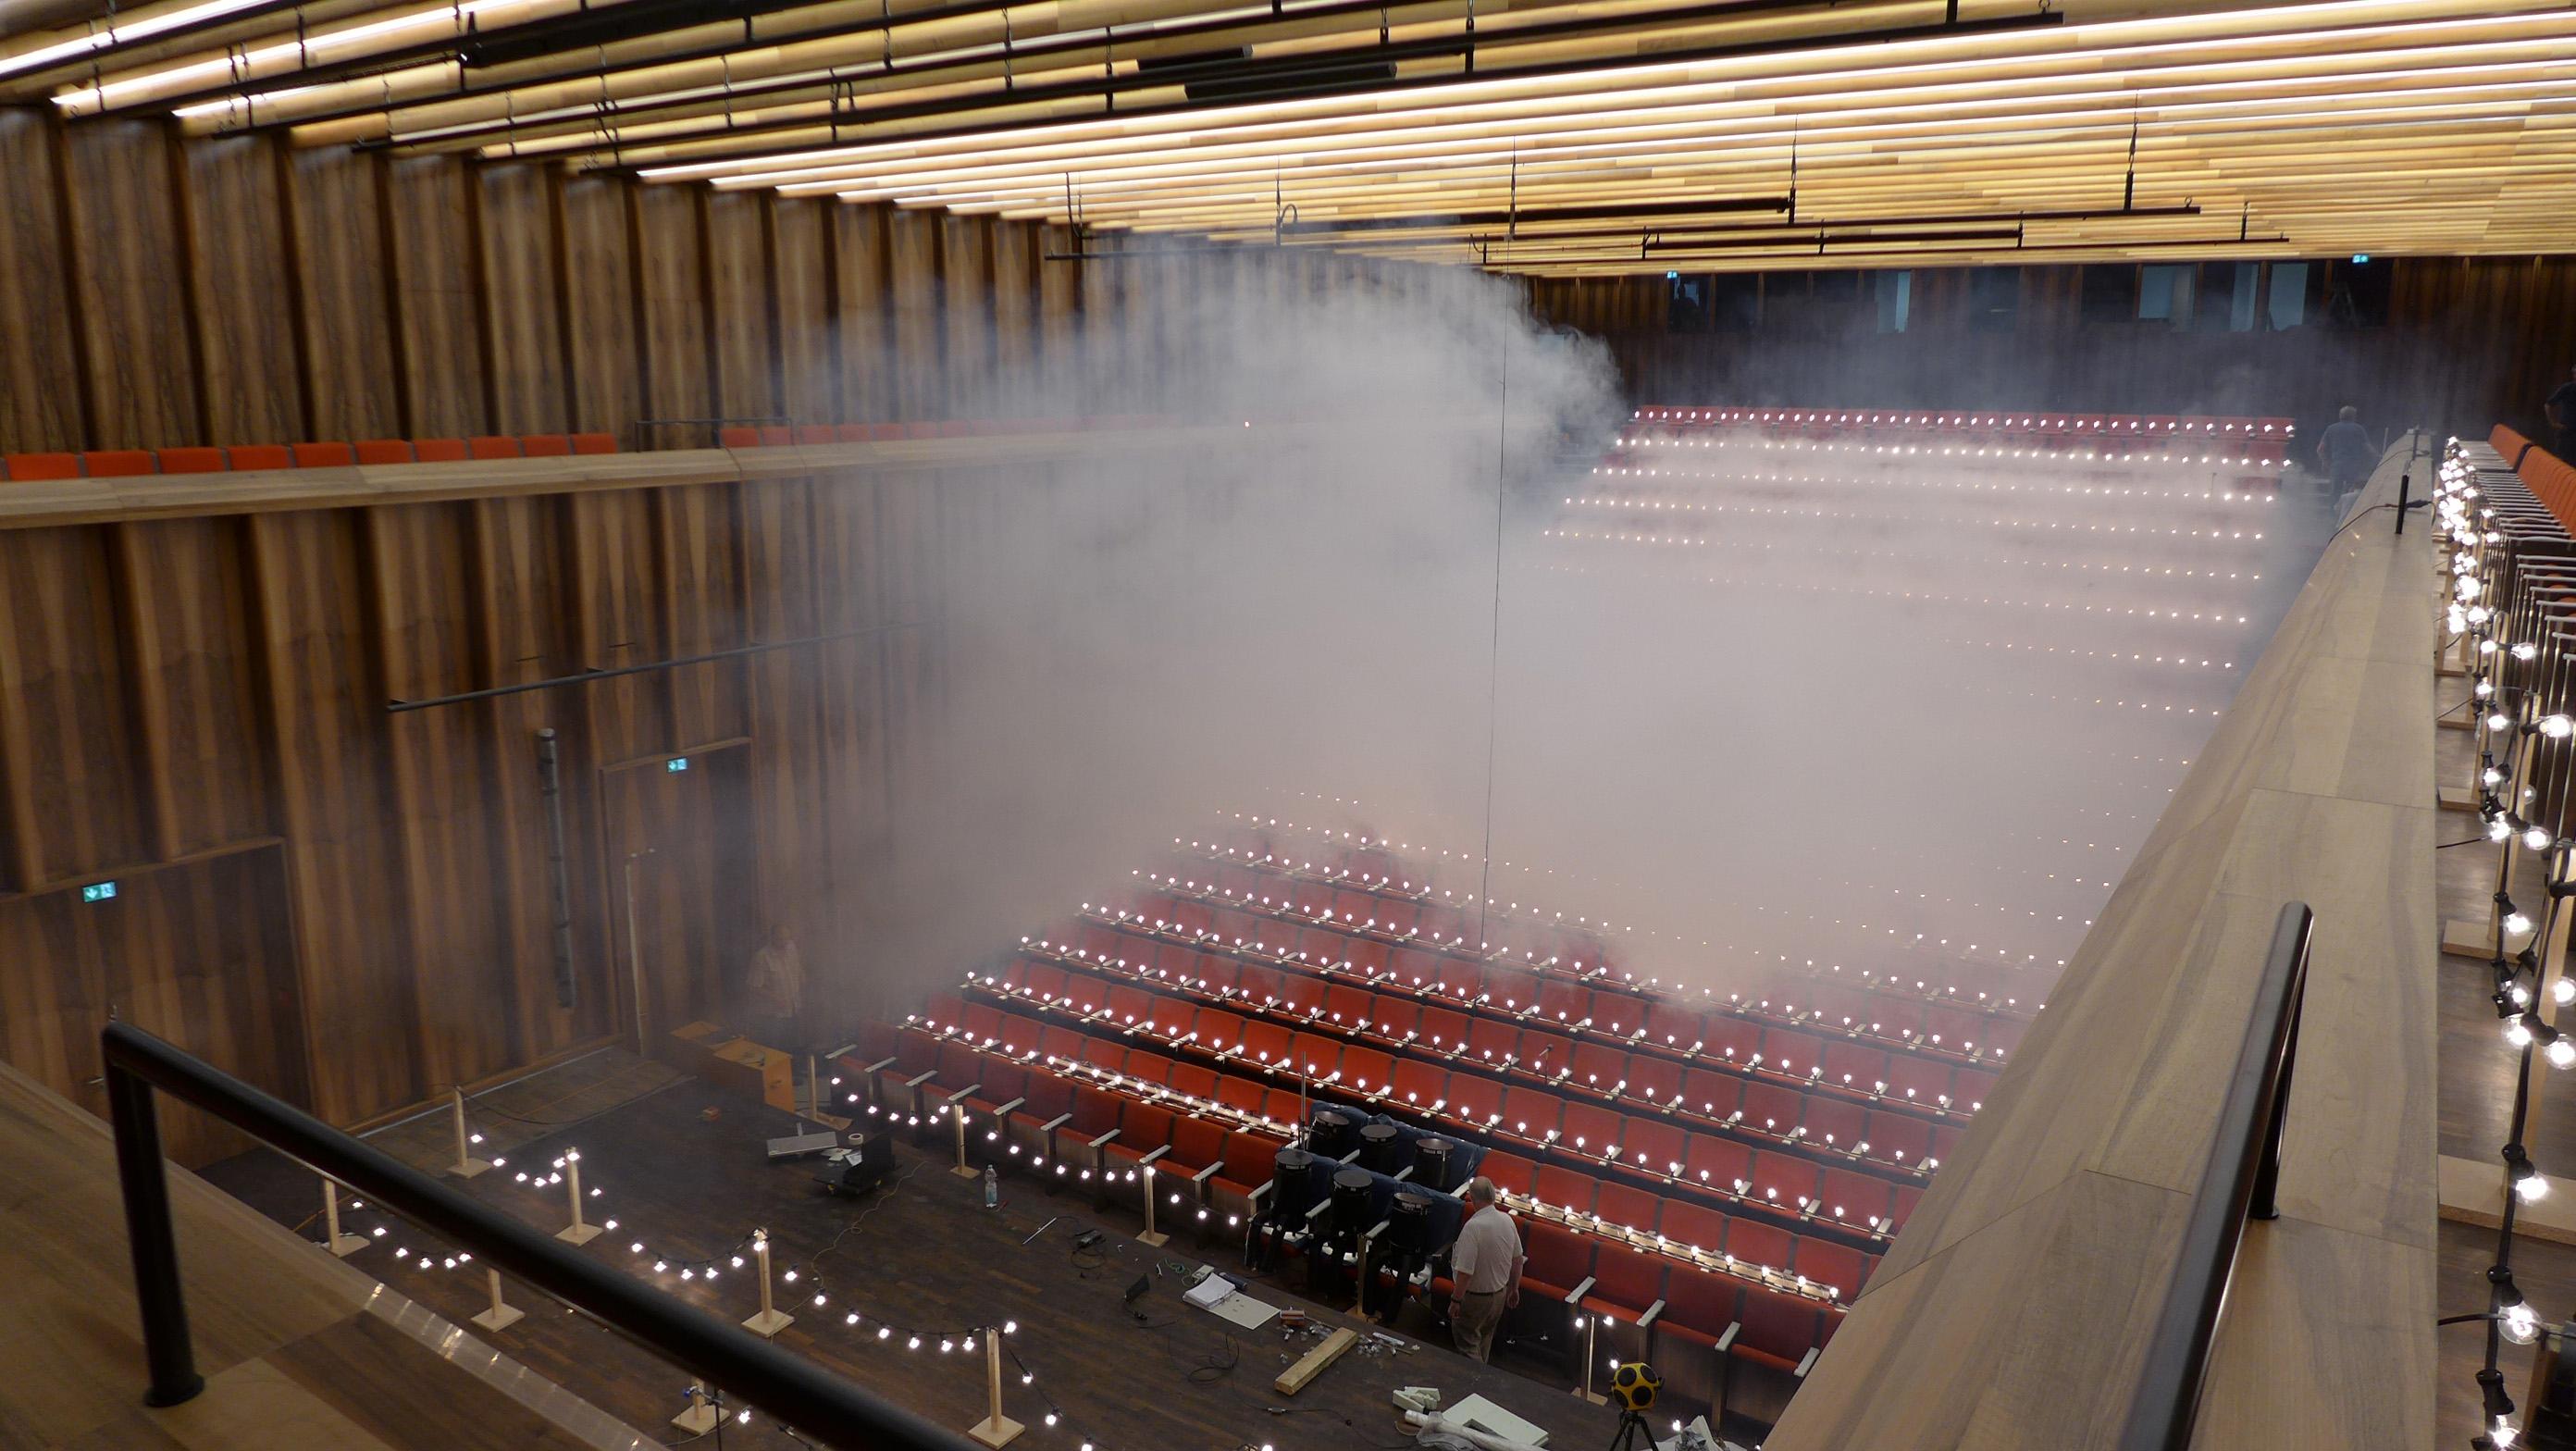 Ein Nebelgenerator macht Luftströme sichtbar. © Caverion GmbH